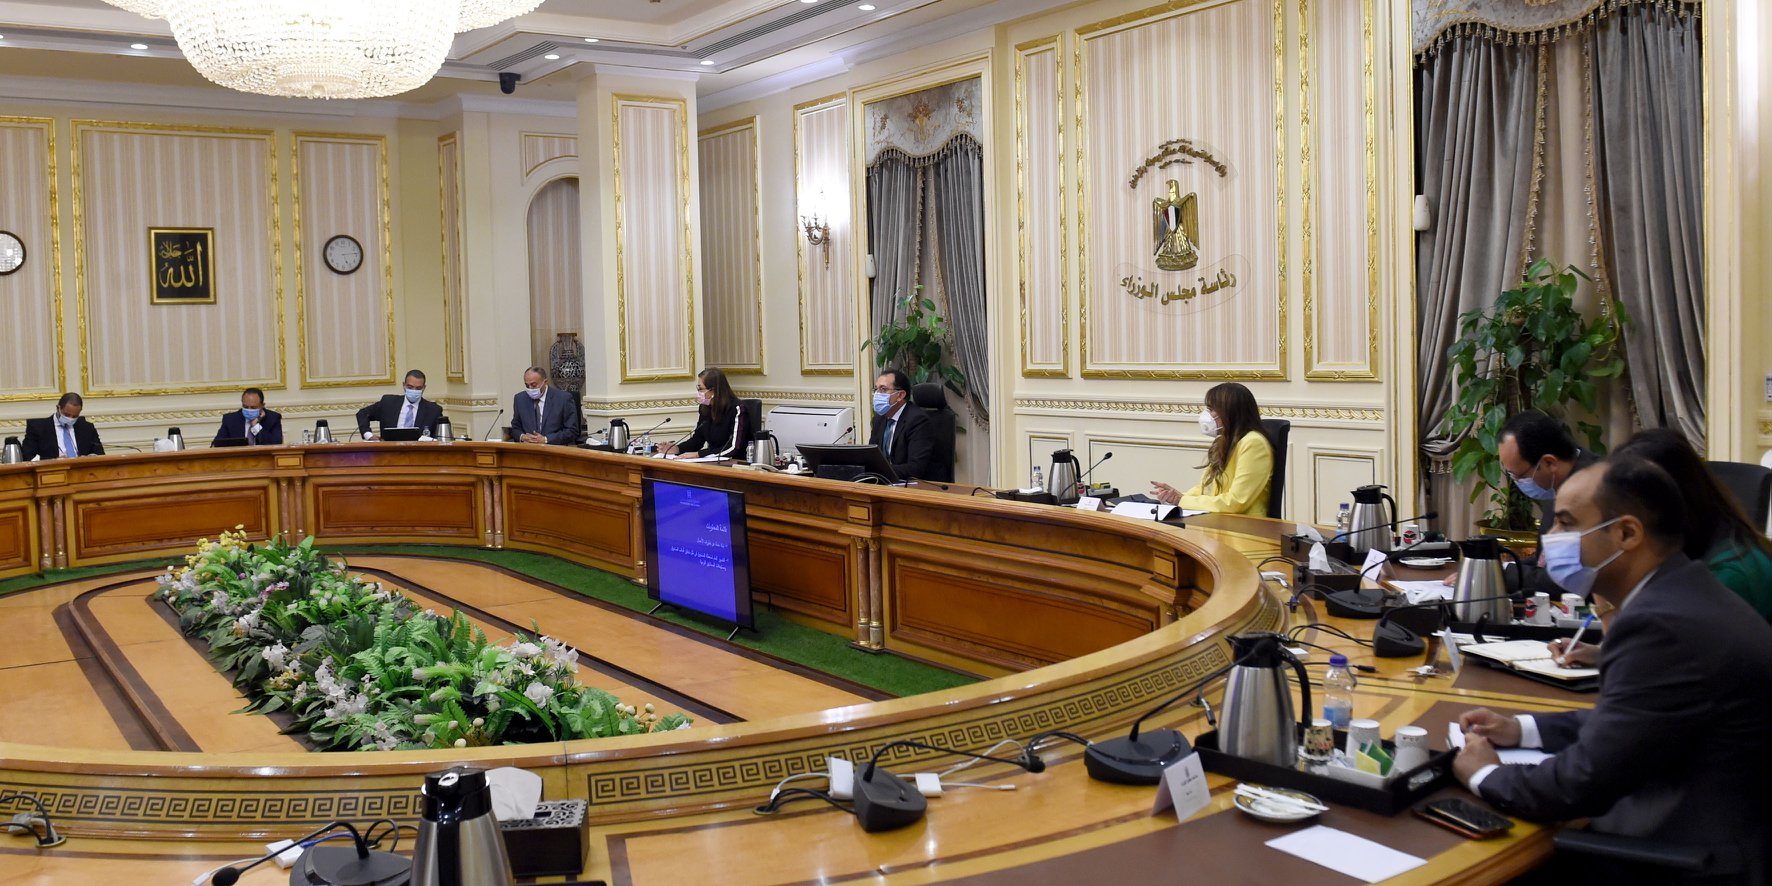 صور | رئيس الوزراء يتابع آخر تطورات أعمال صندوق مصر السيادي